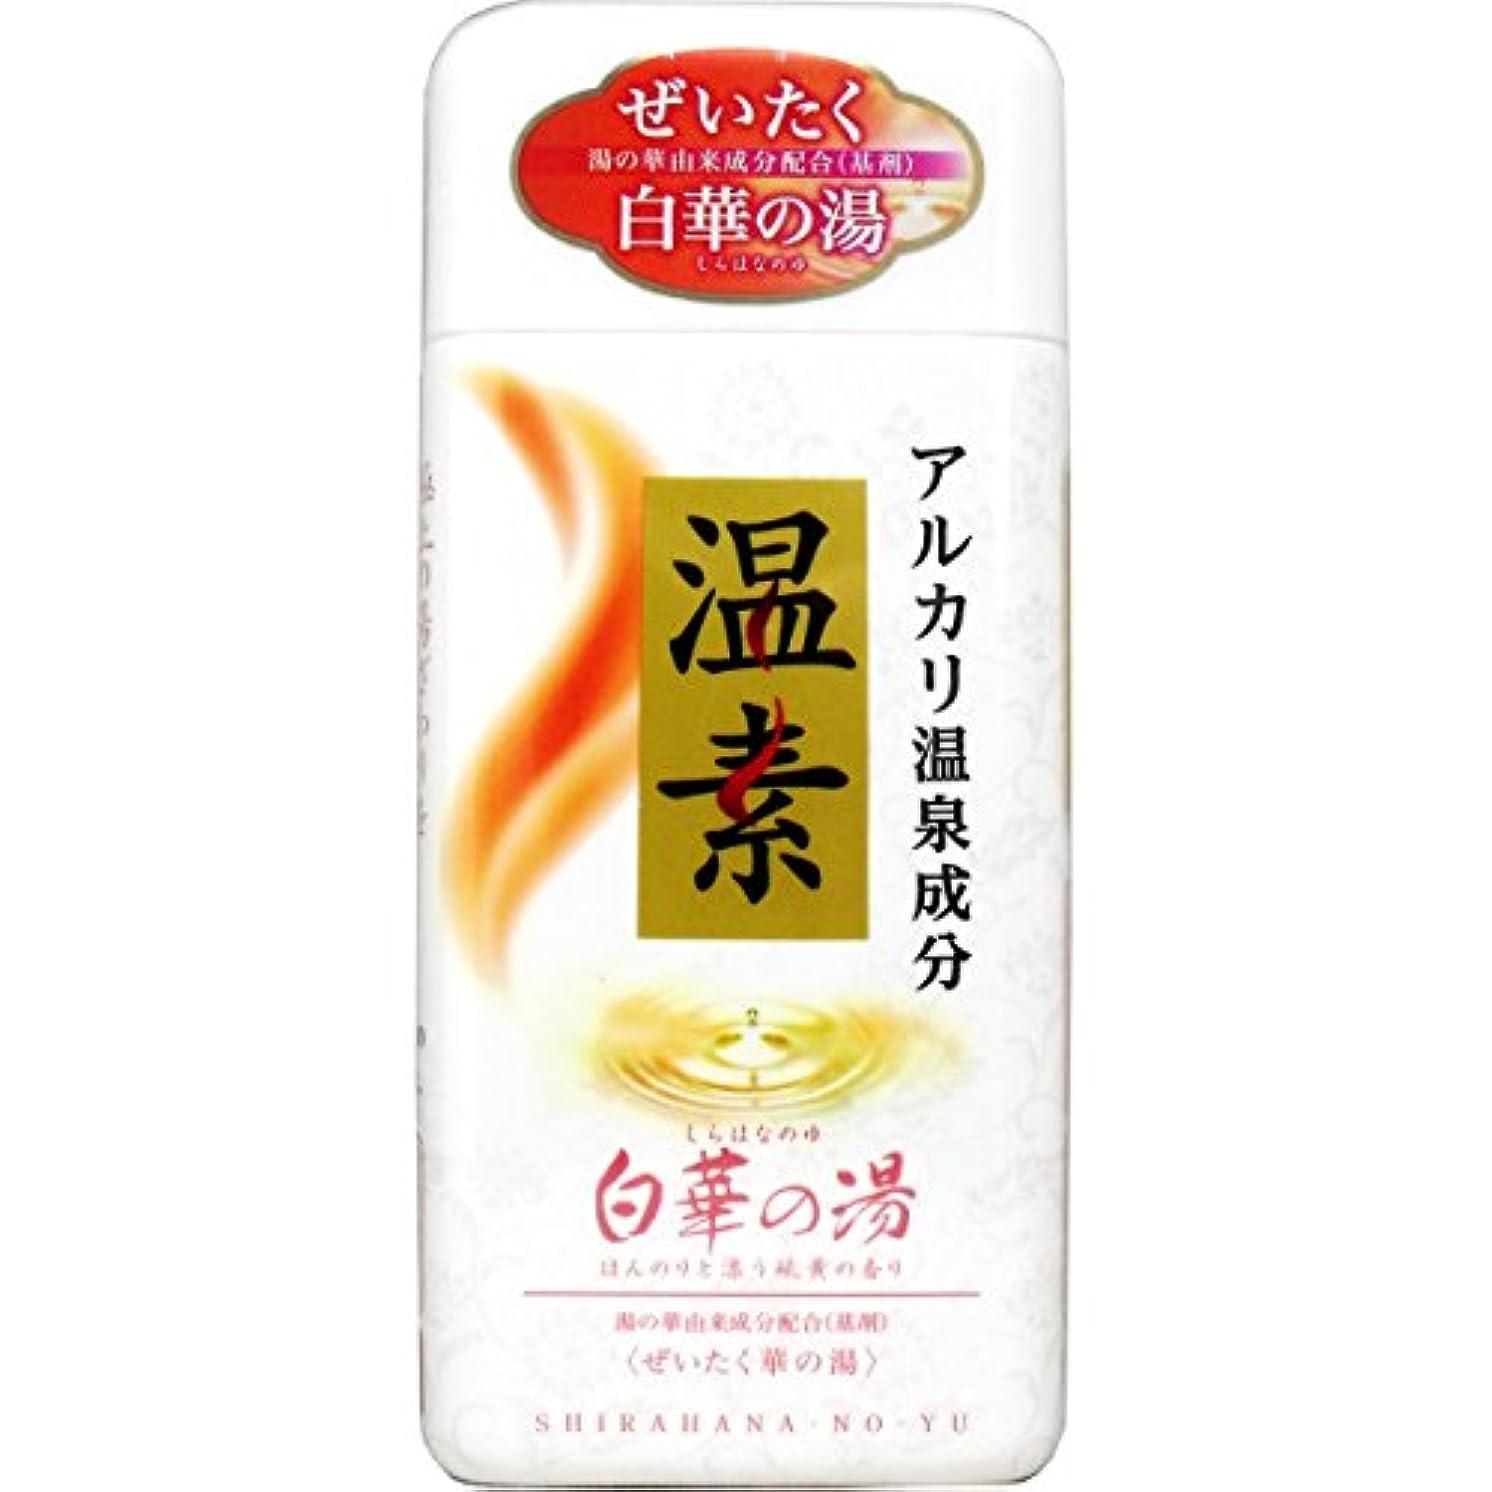 苦い同じ伸ばす入浴剤 ぜいたく華の湯 リラックス用品 アルカリ温泉成分 温素 入浴剤 白華の湯 硫黄の香り 600g入